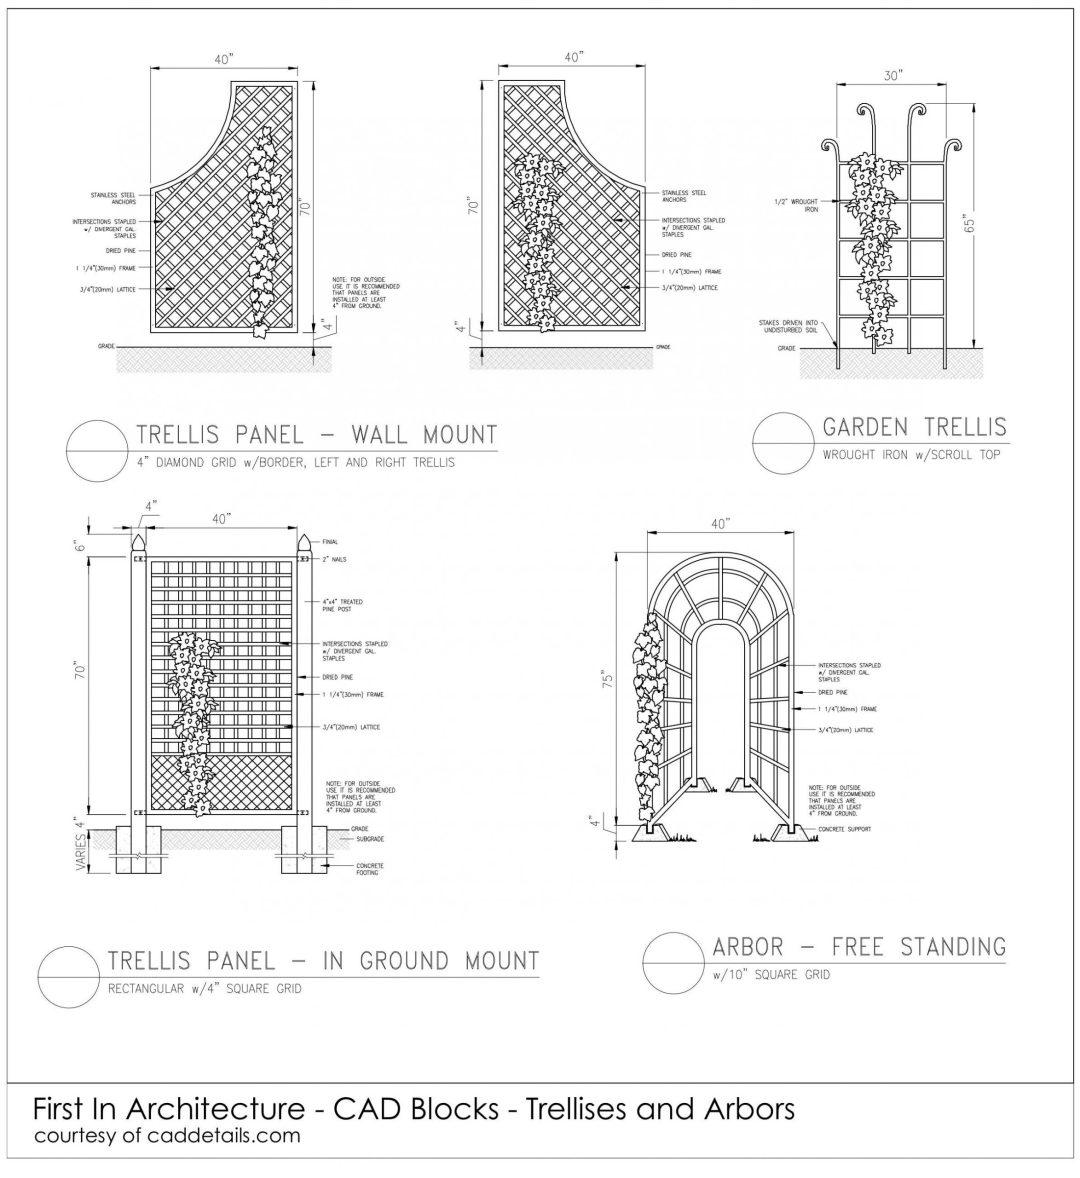 FIA CAD Blocks Trellises